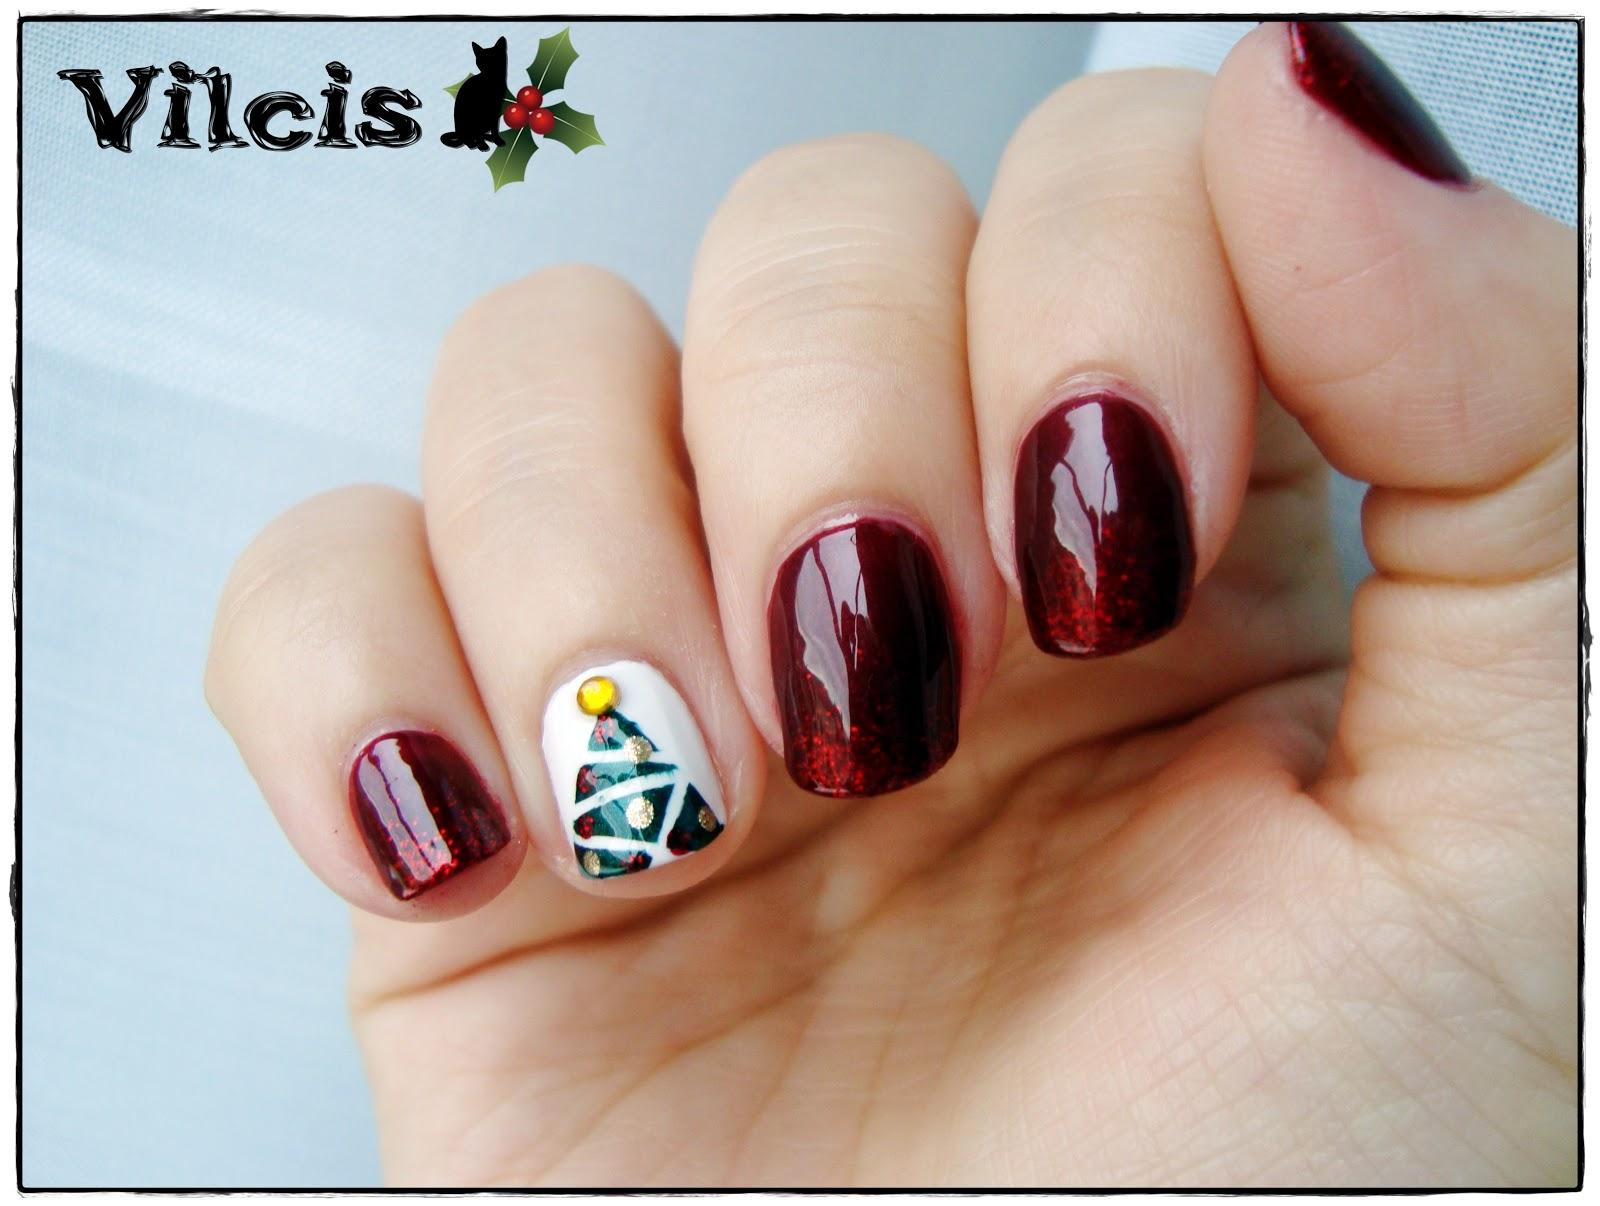 arbol+de+navidad_nail+art_diseños+de+uñas.JPG